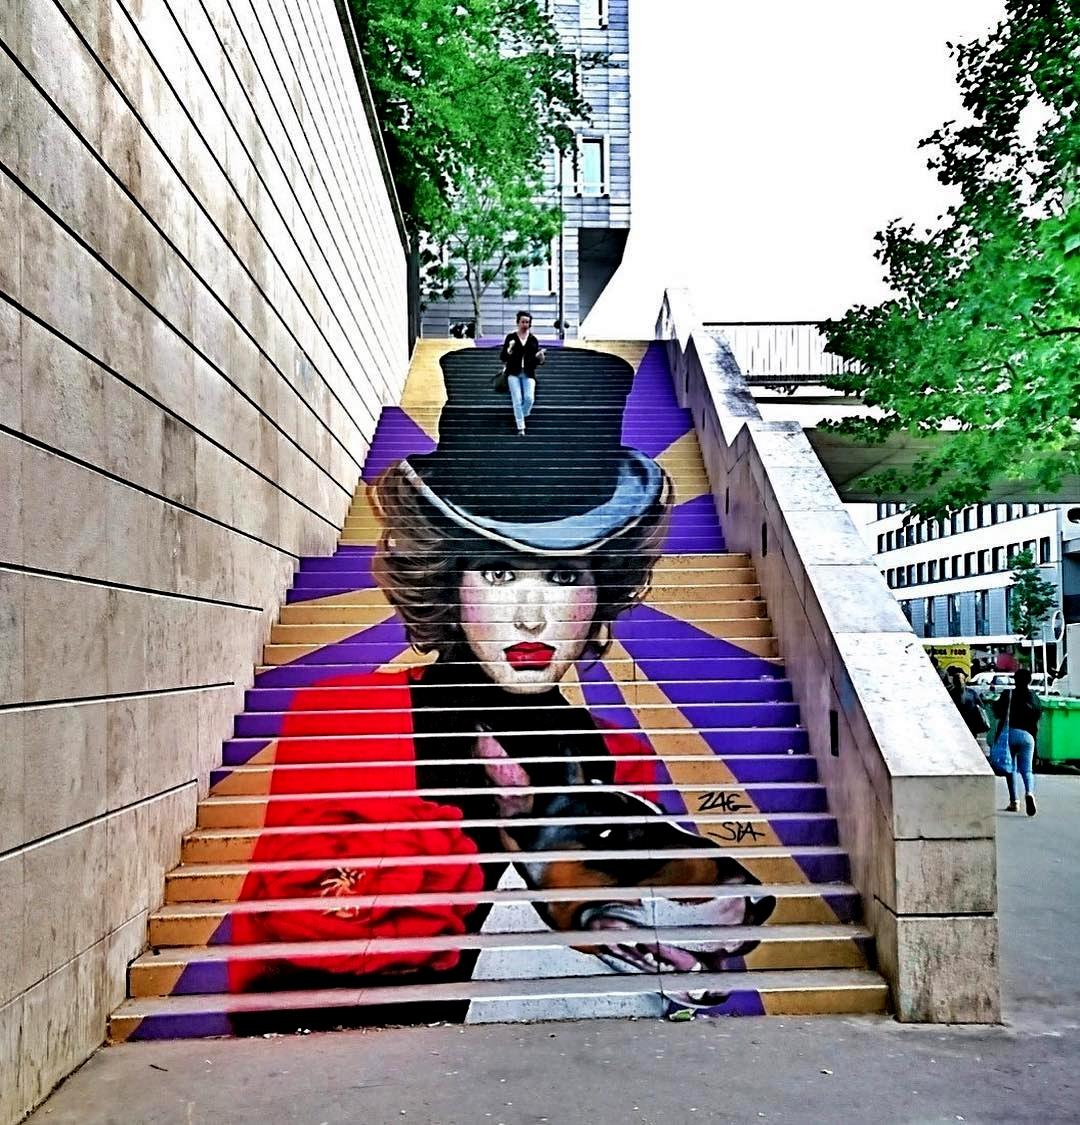 Perspective Escalier : Zag sìa « la nouvelle parisienne xiii paris